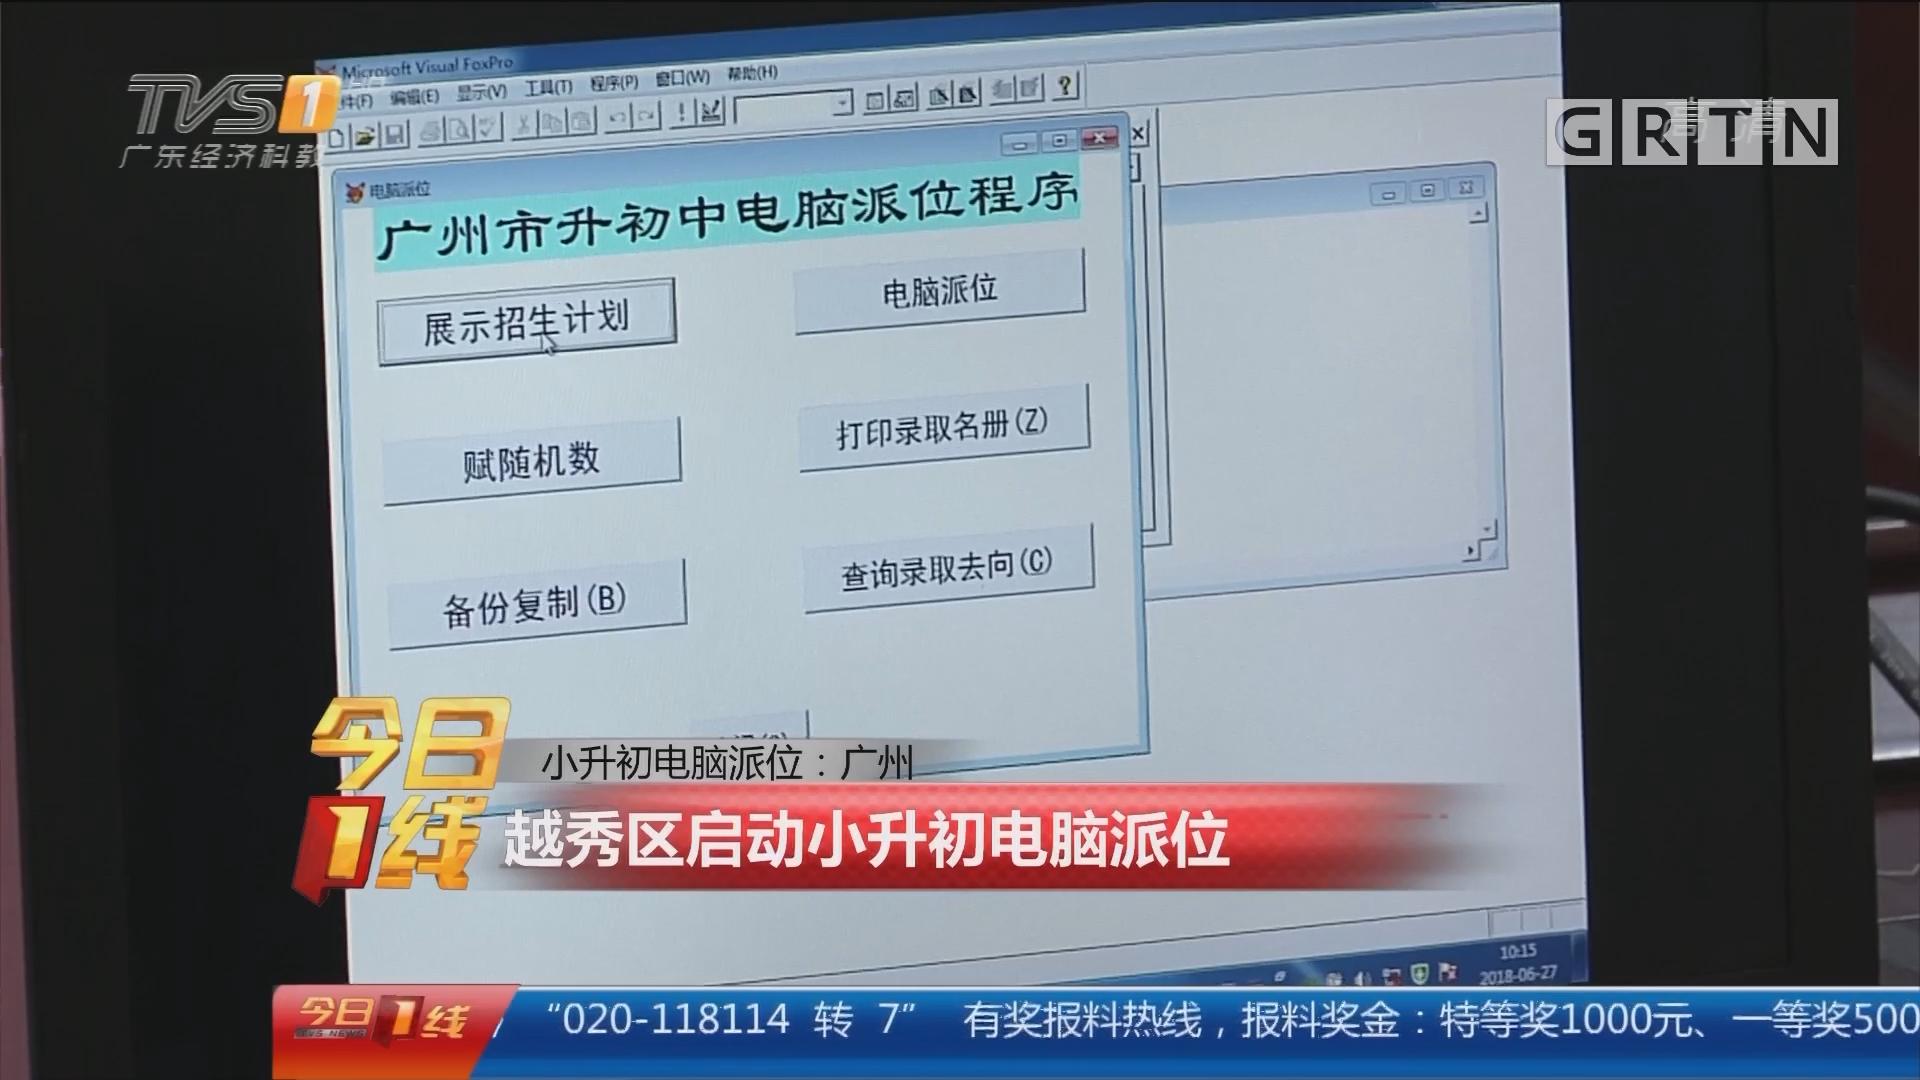 小升初电脑派位:广州 越秀区启动小升初电脑派位